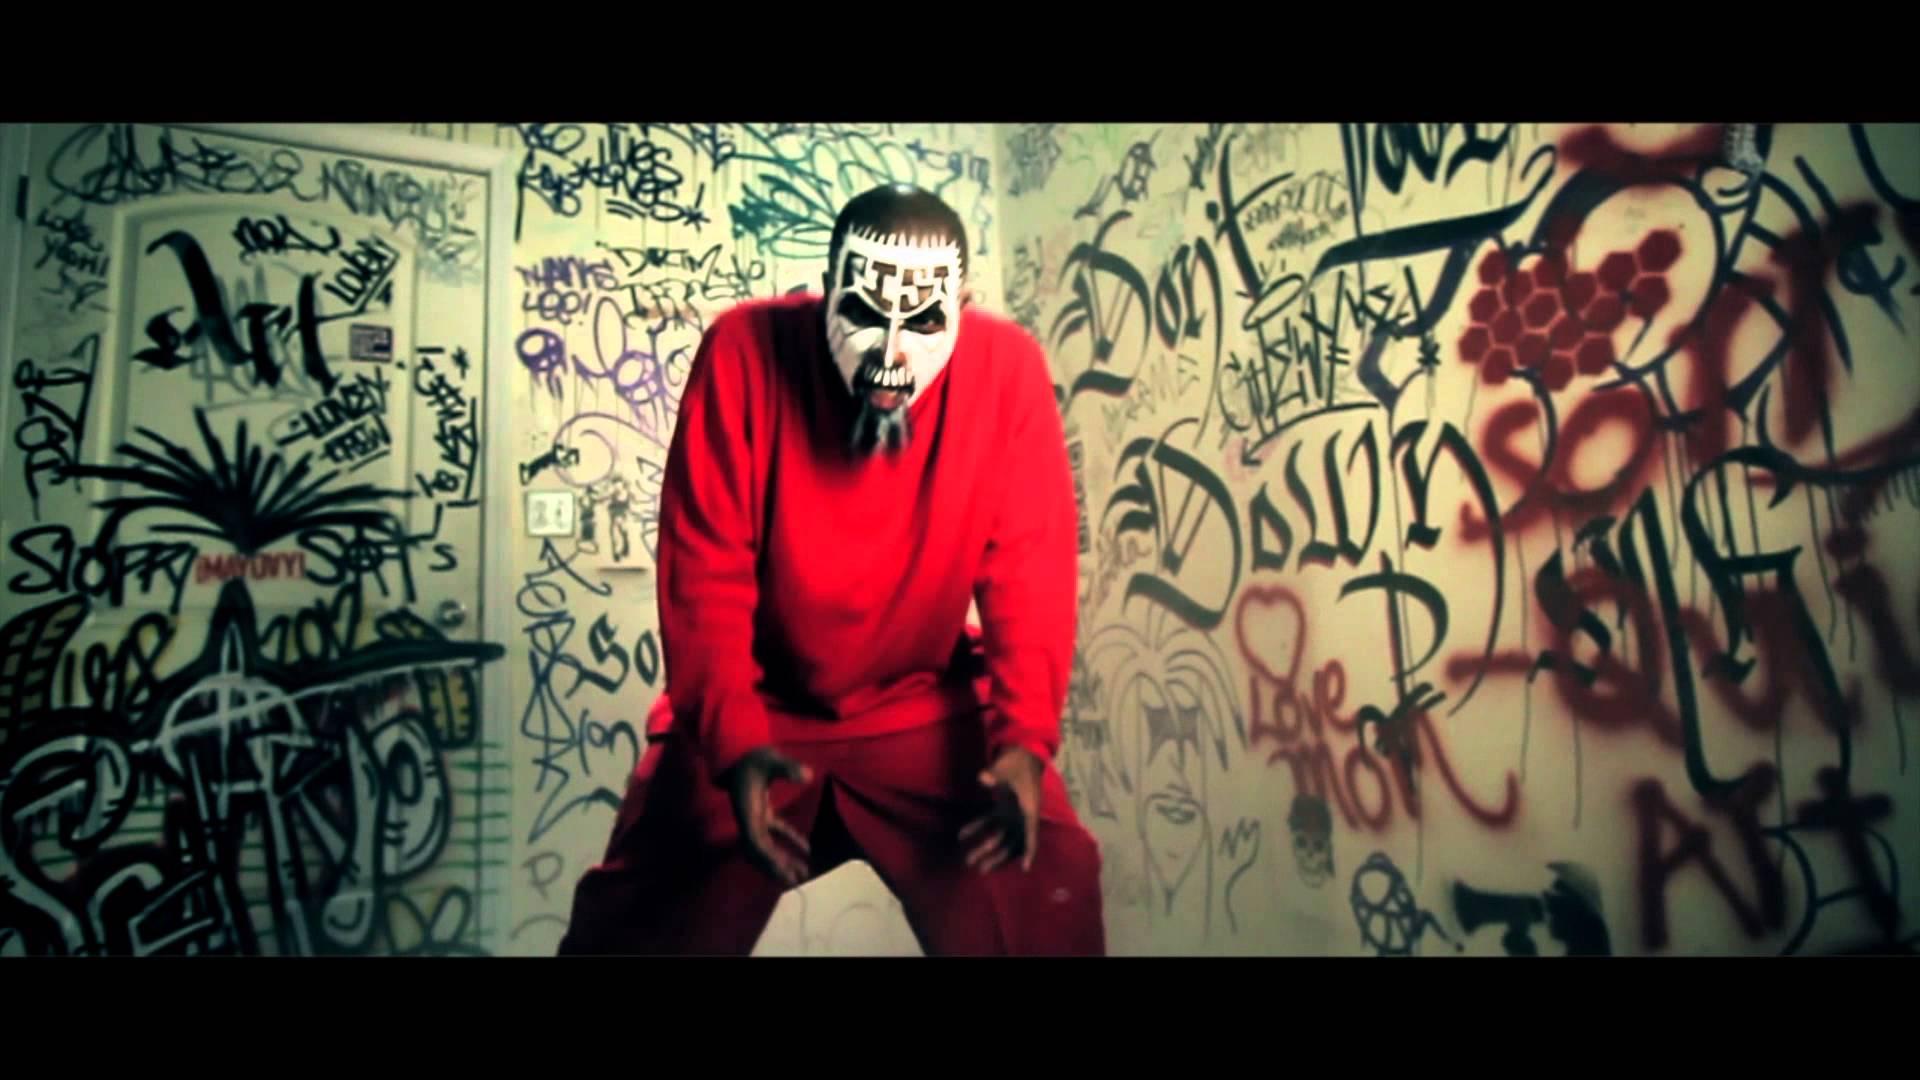 Gangsta wallpapers wallpaper cave - Wallpaper gangster hd ...